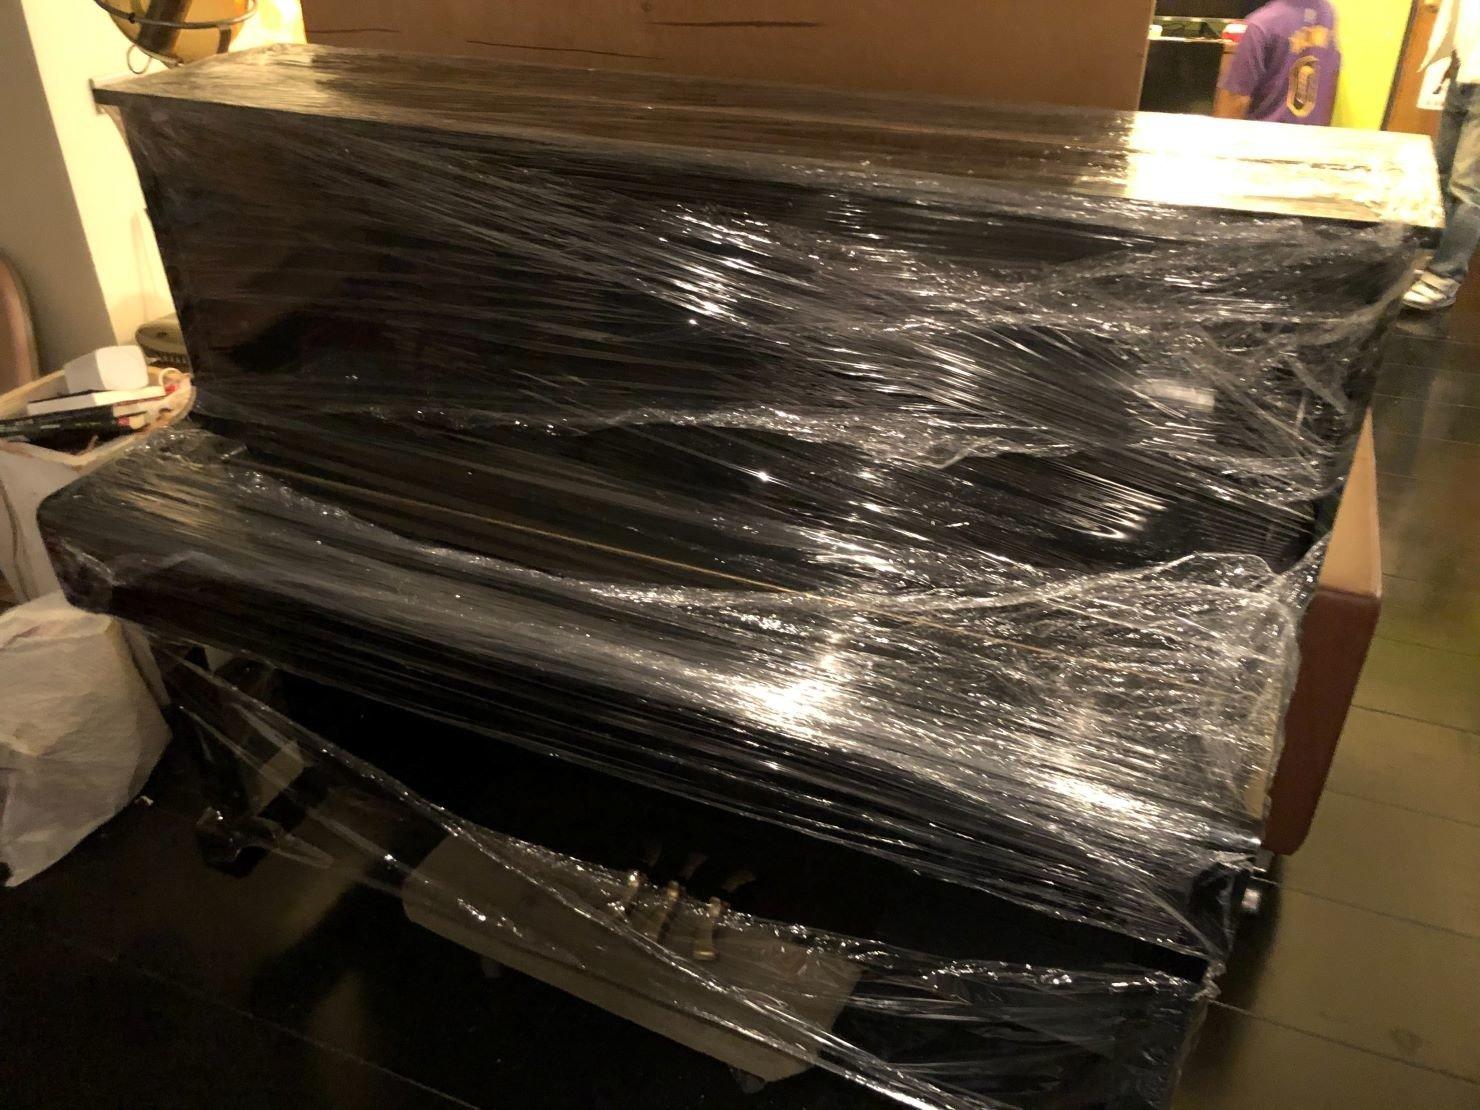 專搬鋼琴推薦【榮福搬家公司】跨縣搬家、搬家首選、搬家公司推薦:大台北搬家,精緻包裝搬運「細膩包裝、專業搬運、用心服務、以客為尊」是榮福搬家公司的宗旨與精神。歡迎立即來電02-2651-2727專人服務。系統式家具拆裝找專業的榮福搬家就對了。